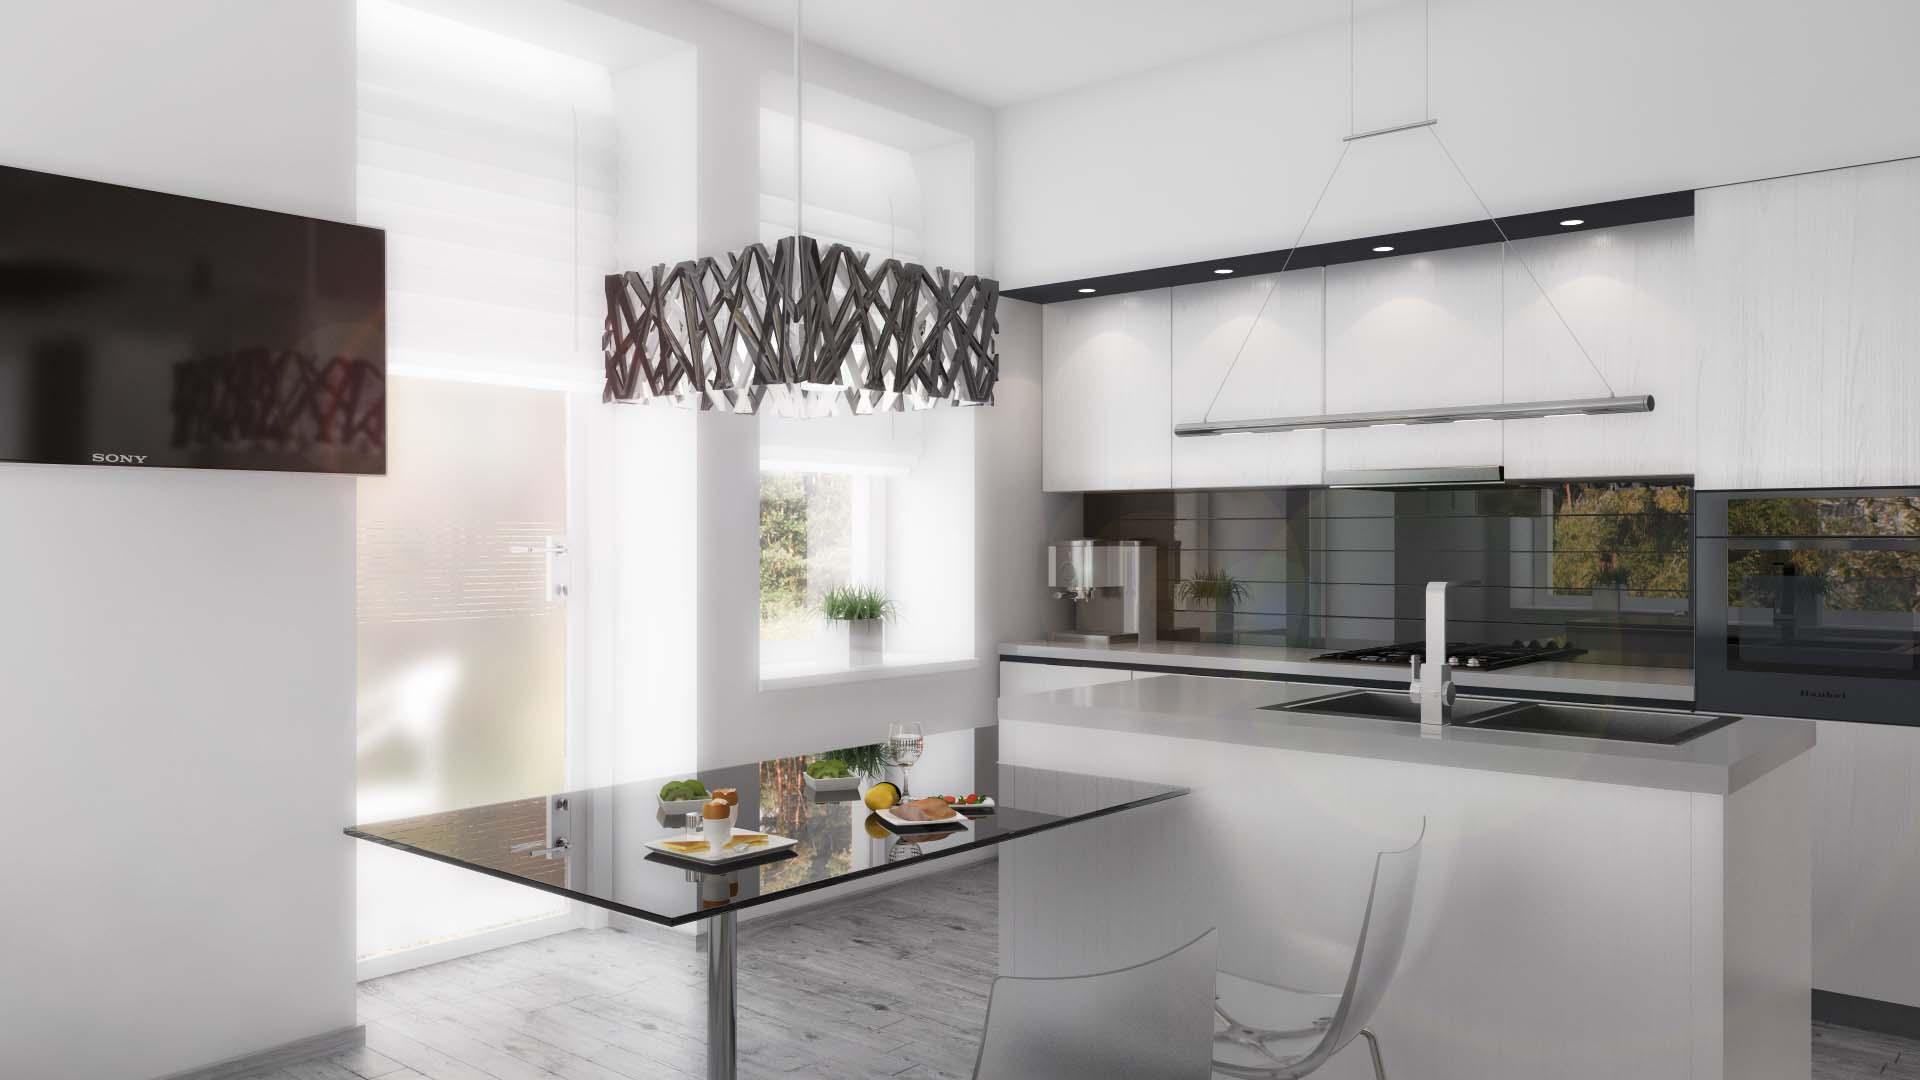 Arredare la cucina con binova urban bva for Idee casa minimalista